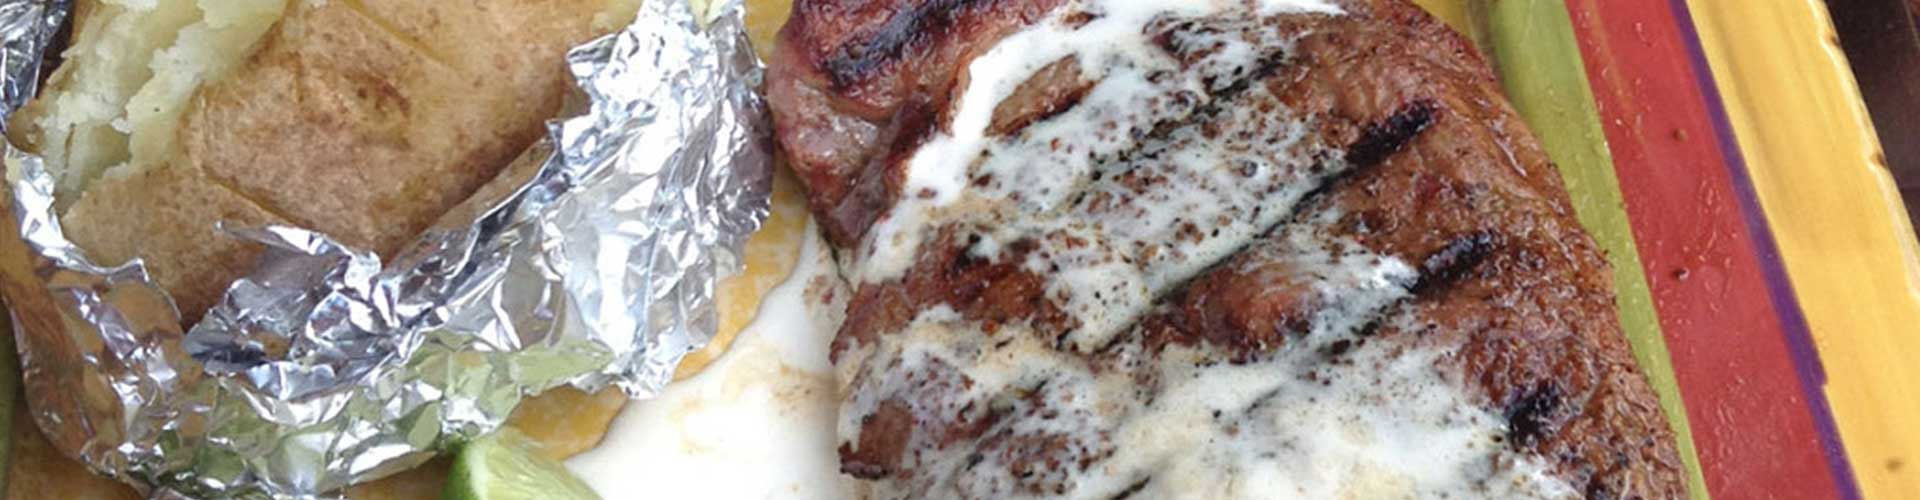 NY Strip Steaks